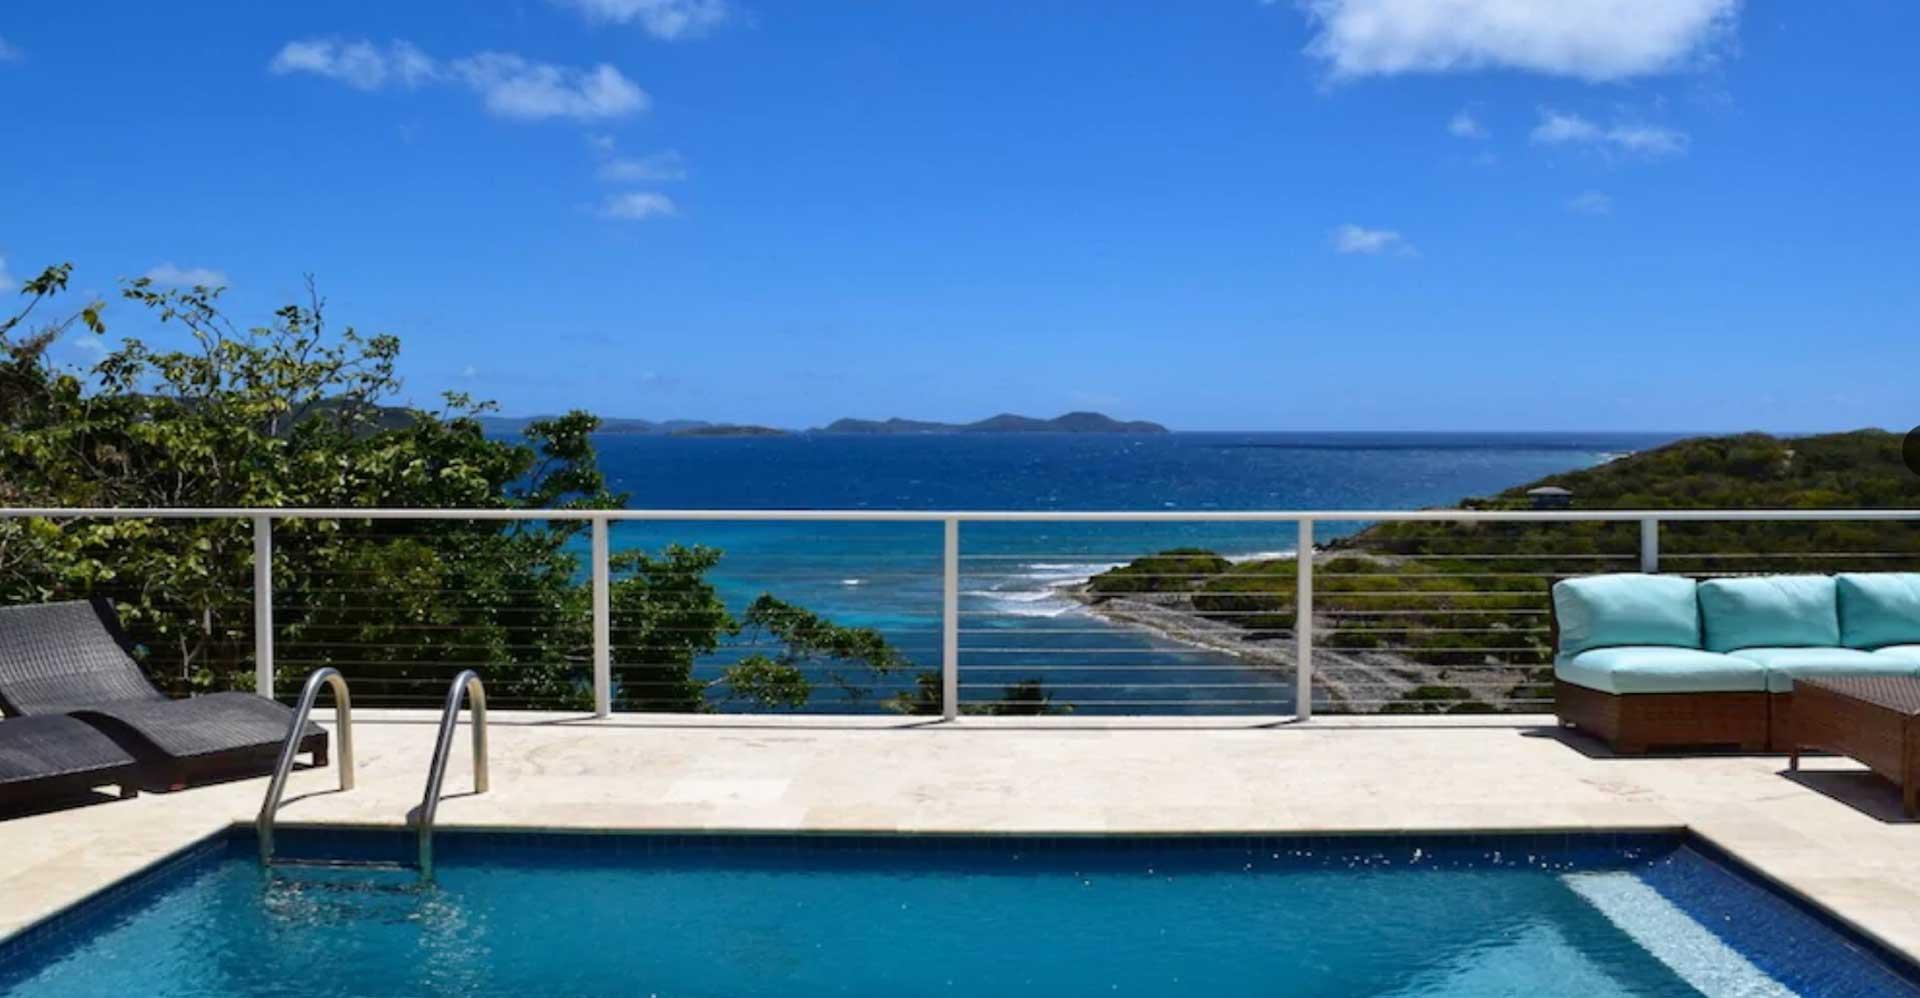 alice-by-the-sea-villa-pool-view